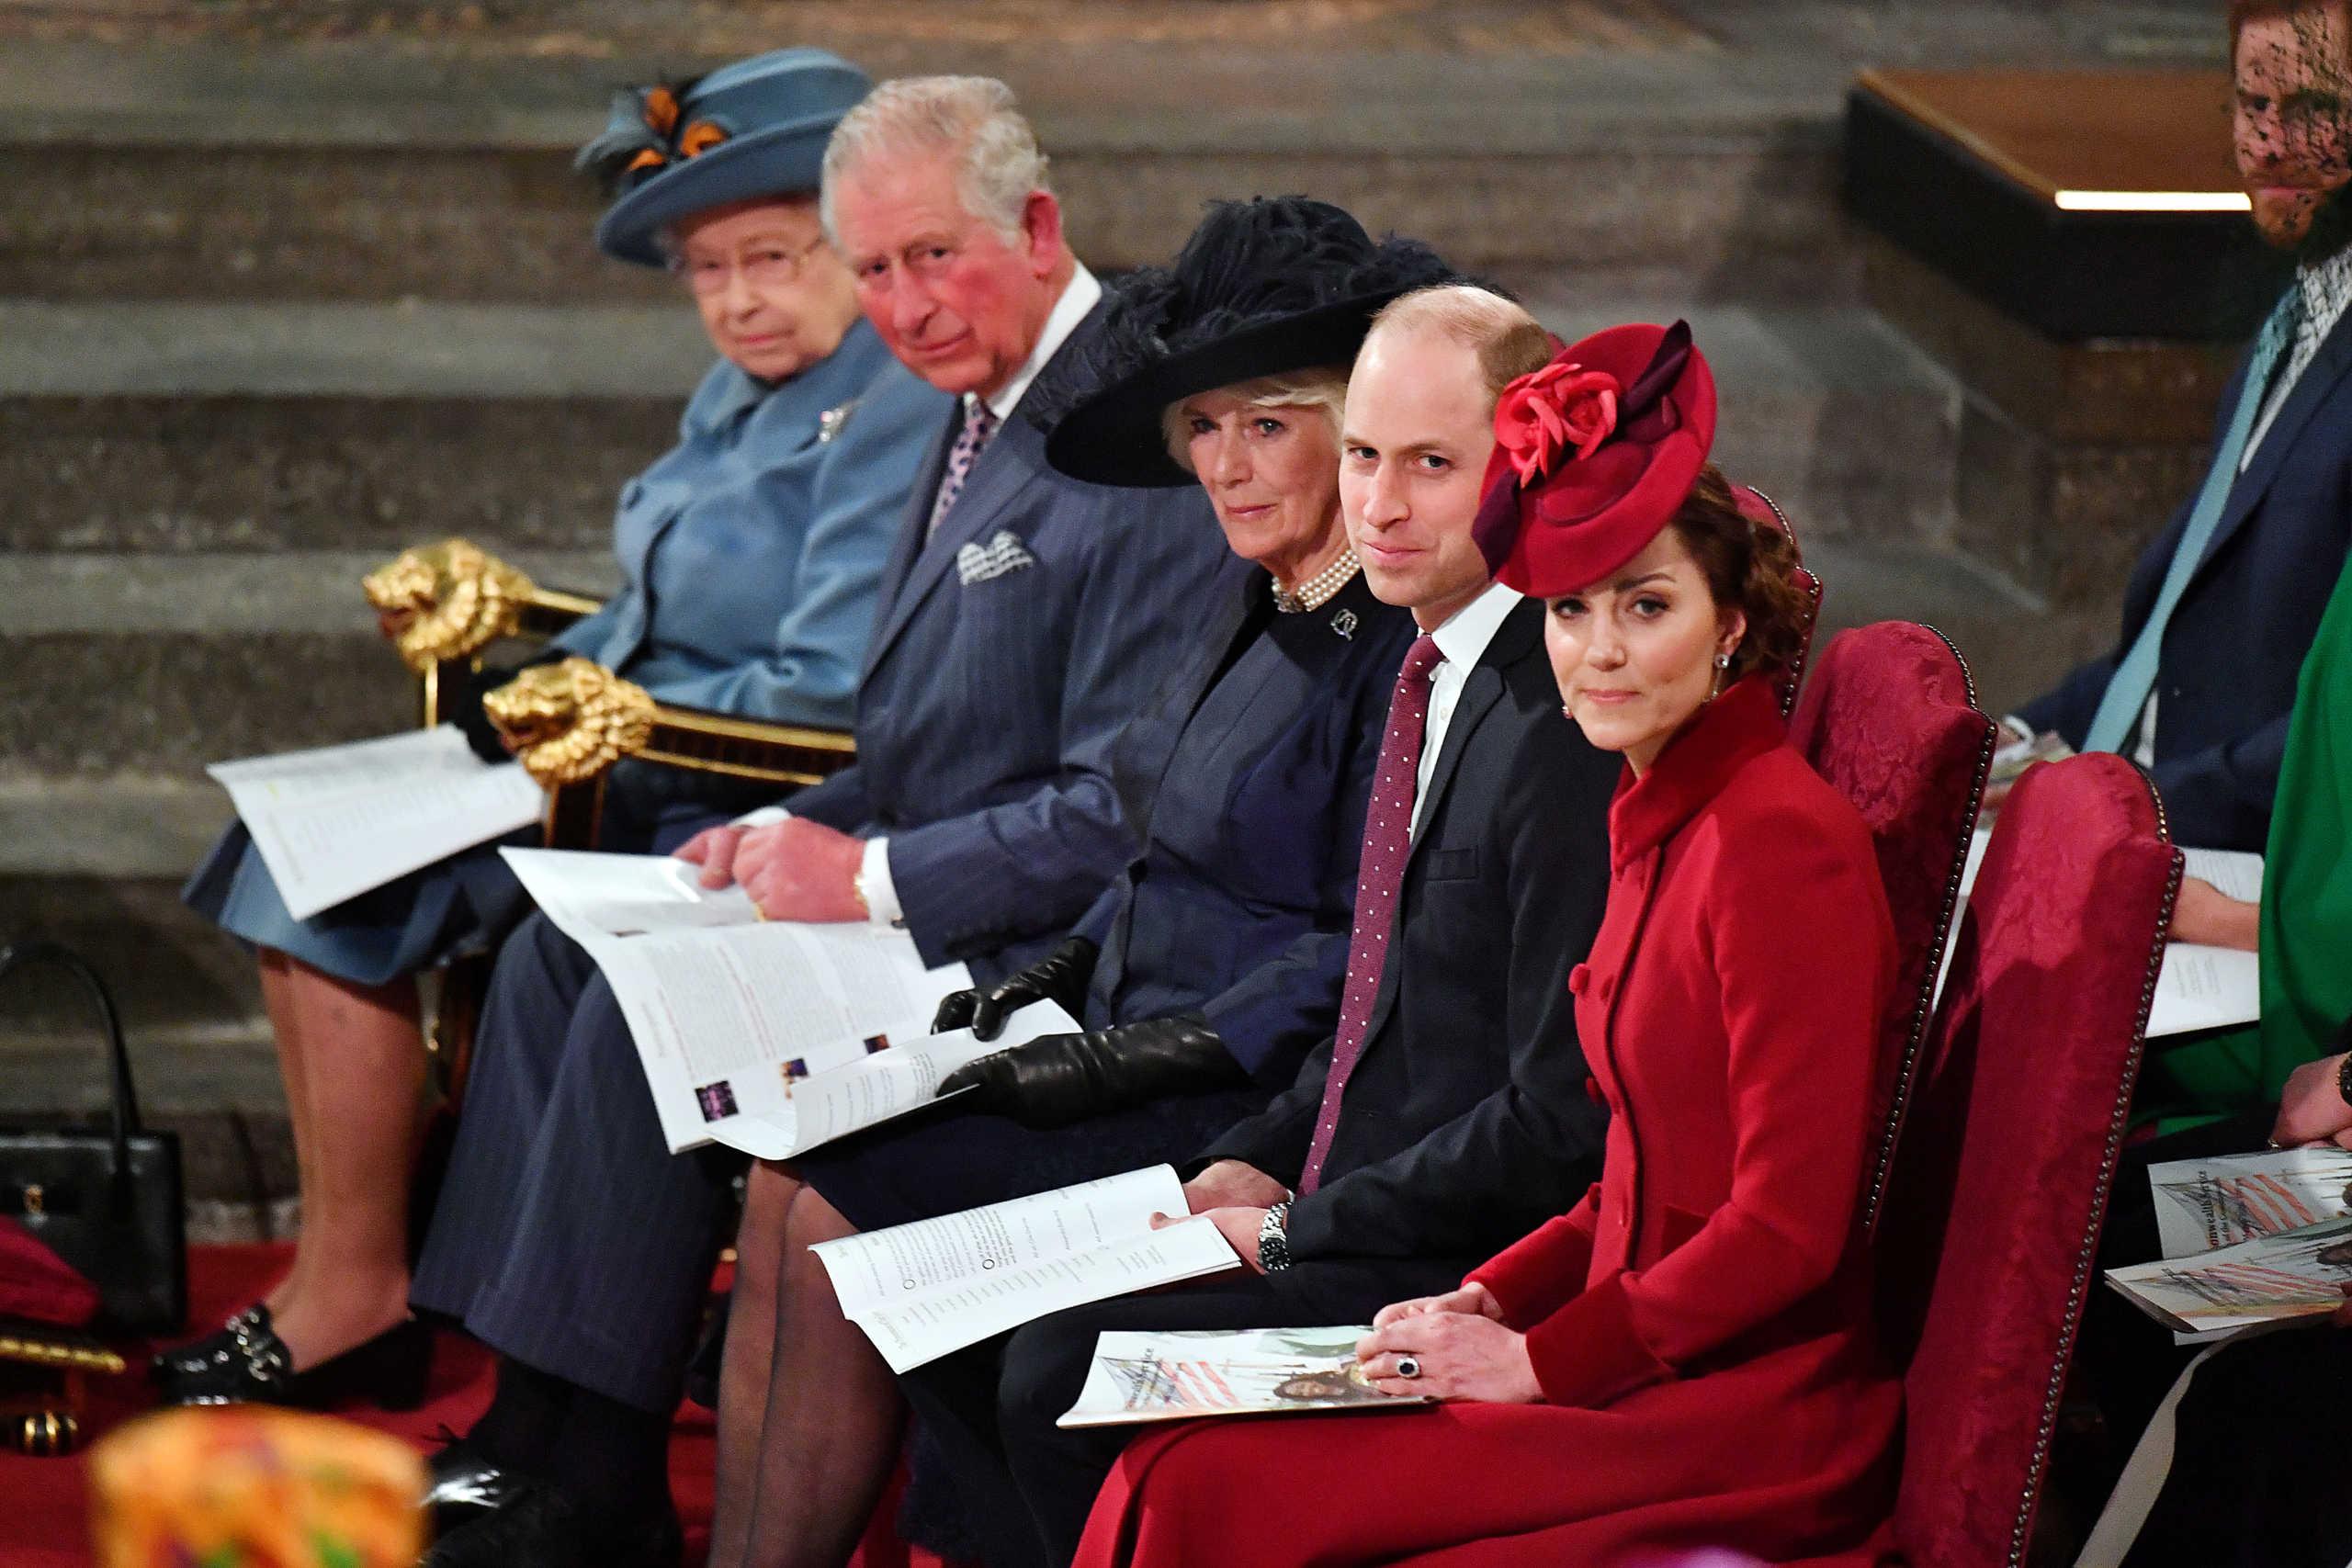 Θετικός στον κορονοϊό ο Πρίγκιπας Κάρολος και αγωνία για την Βασίλισσα